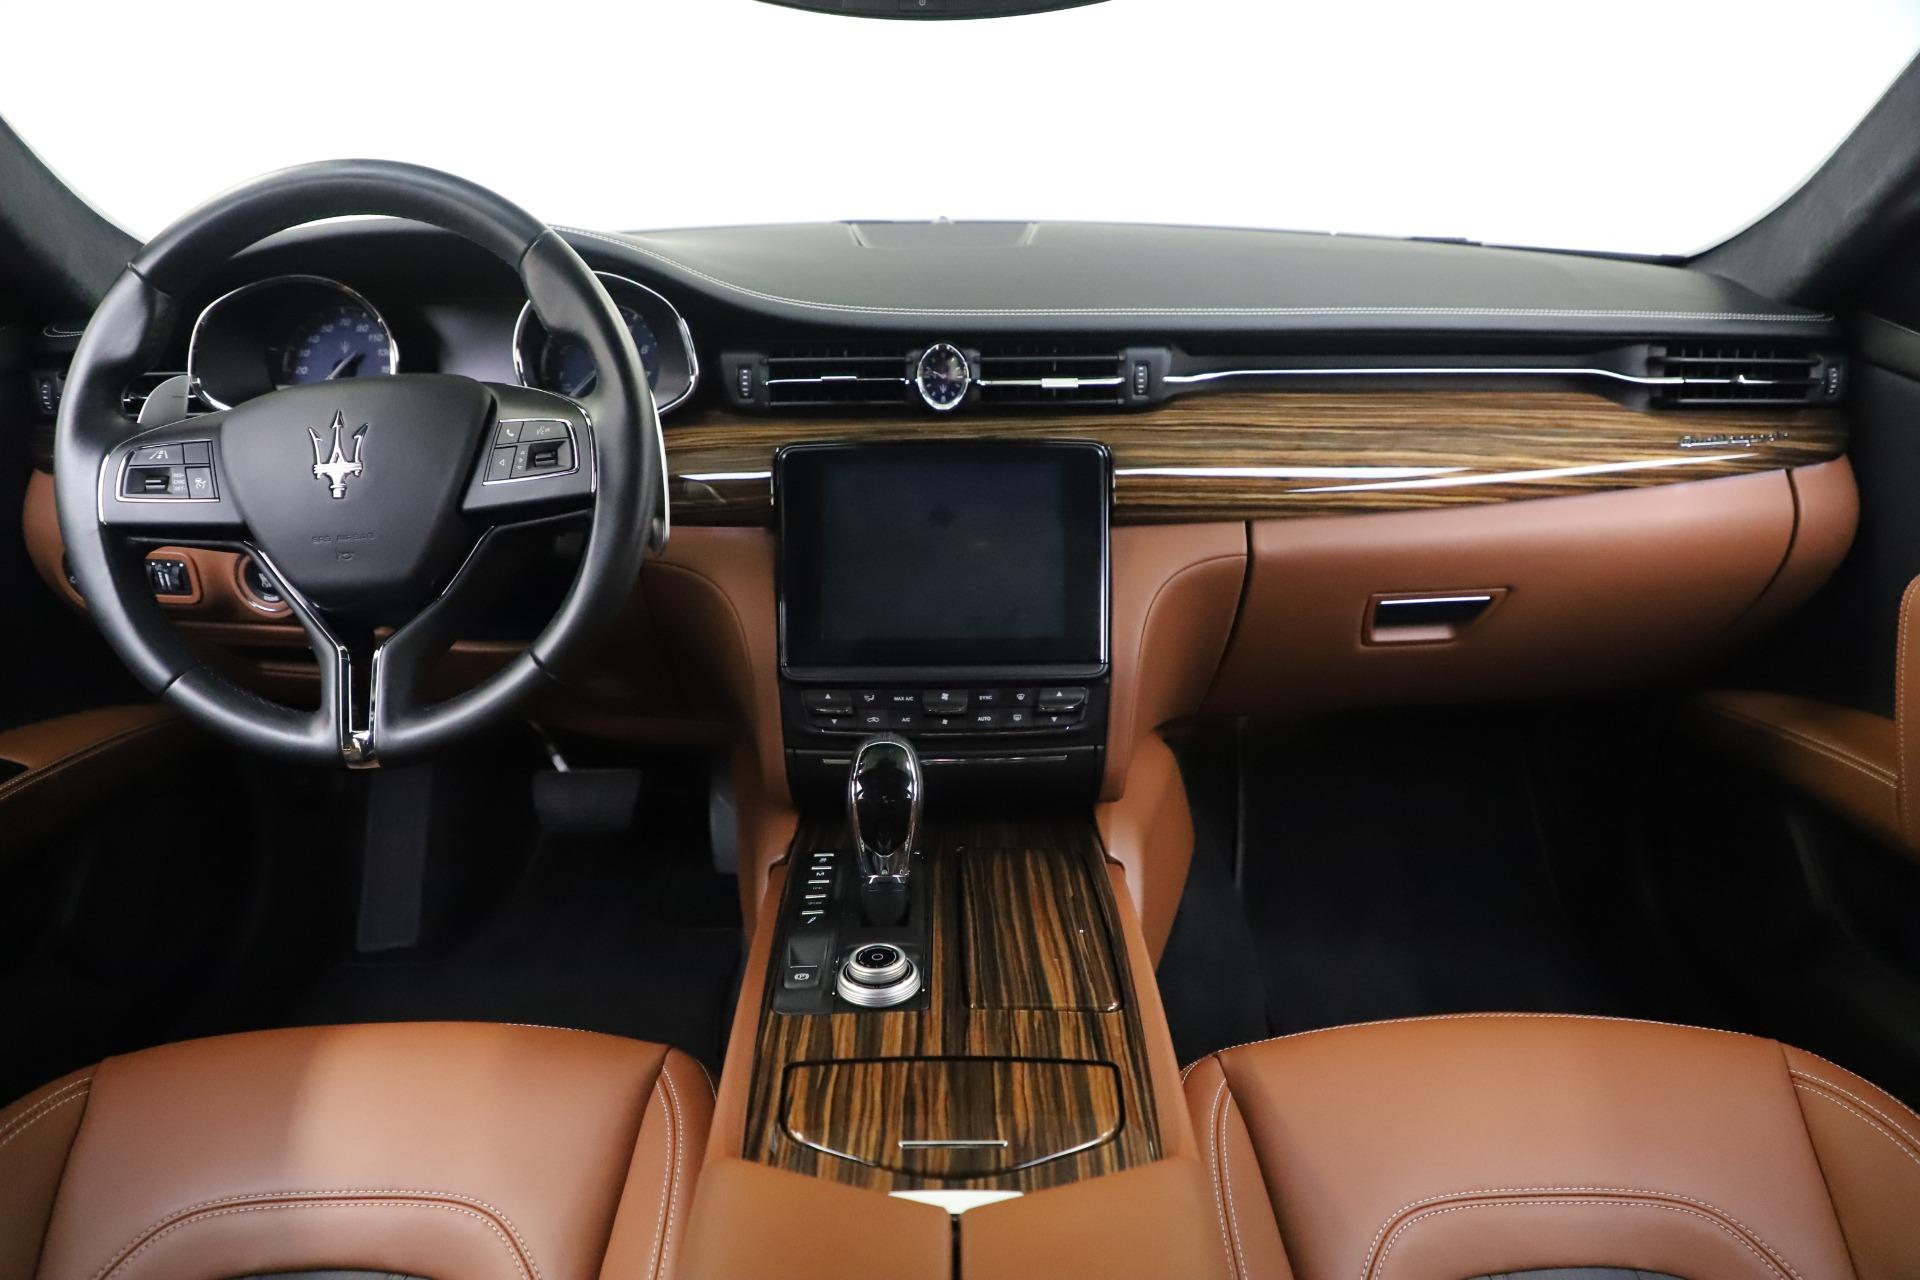 Used 2017 Maserati Quattroporte S Q4 GranLusso For Sale In Greenwich, CT 3553_p16